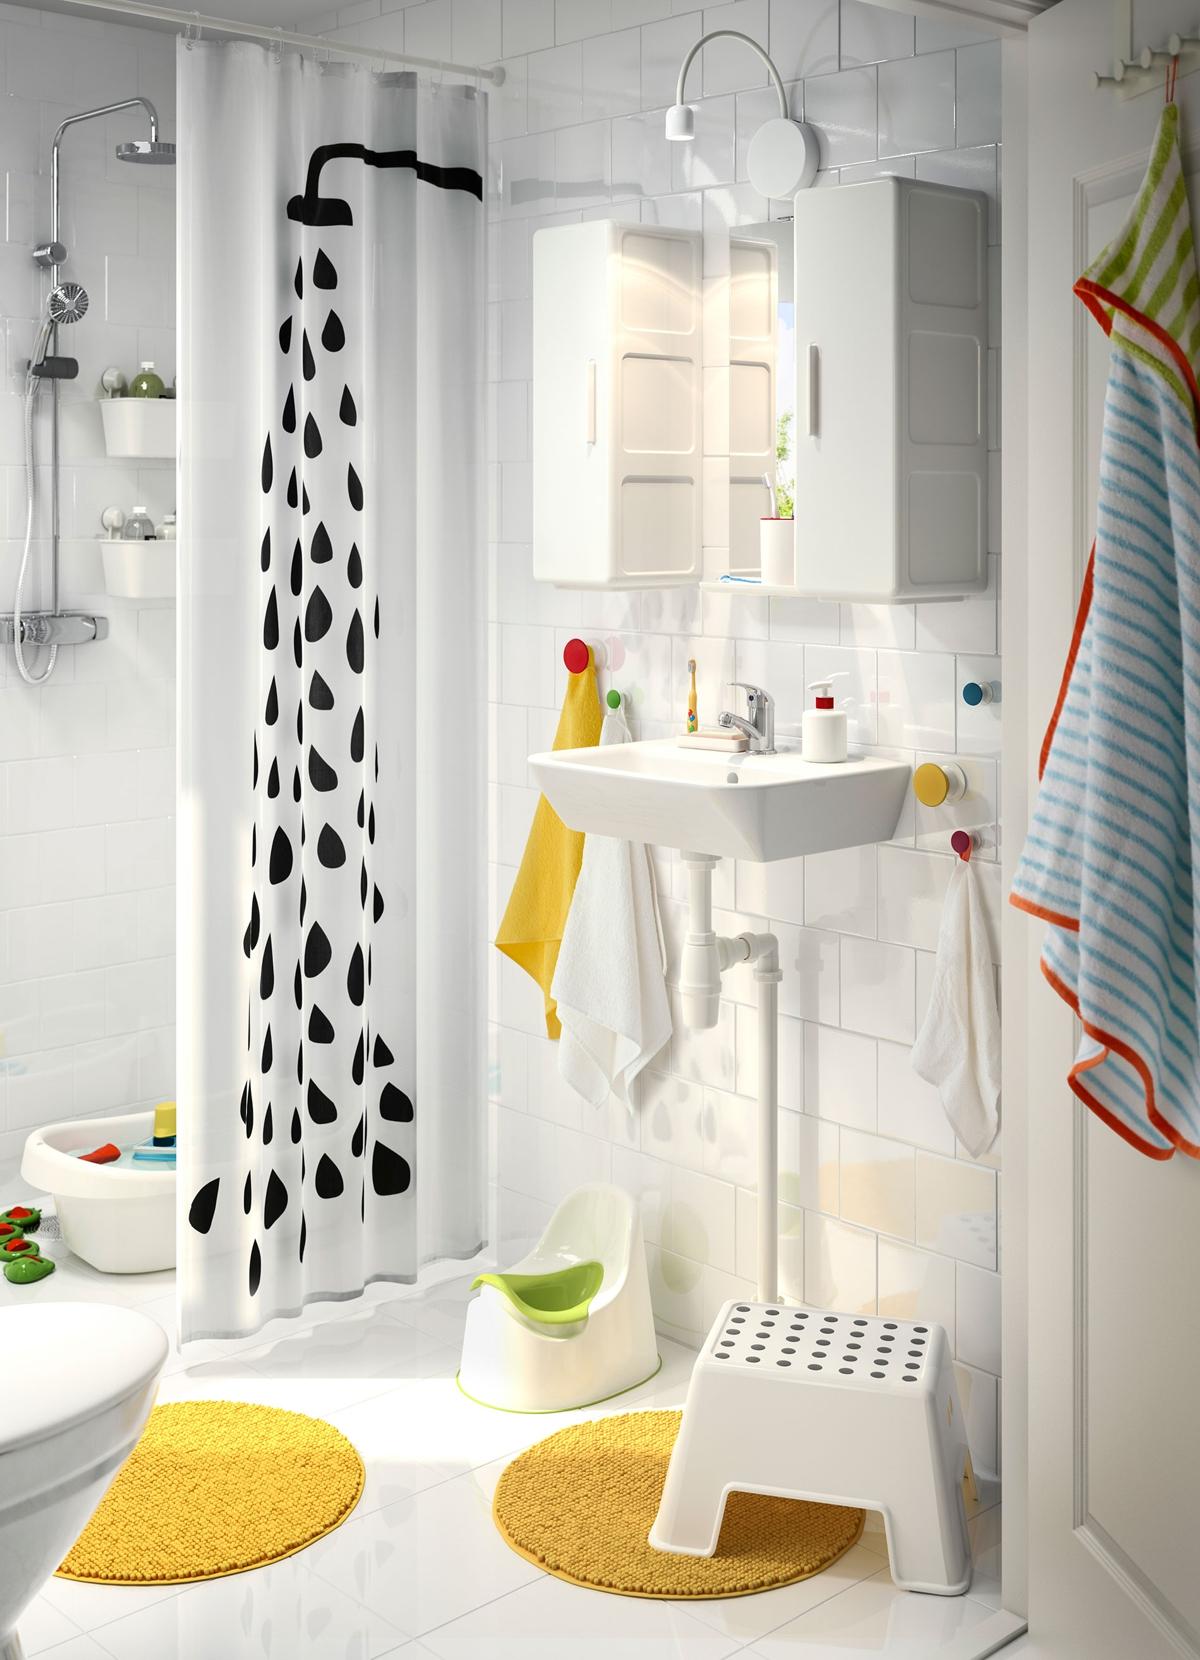 cortinas de baño ikea - espacio en blanco y aparillo